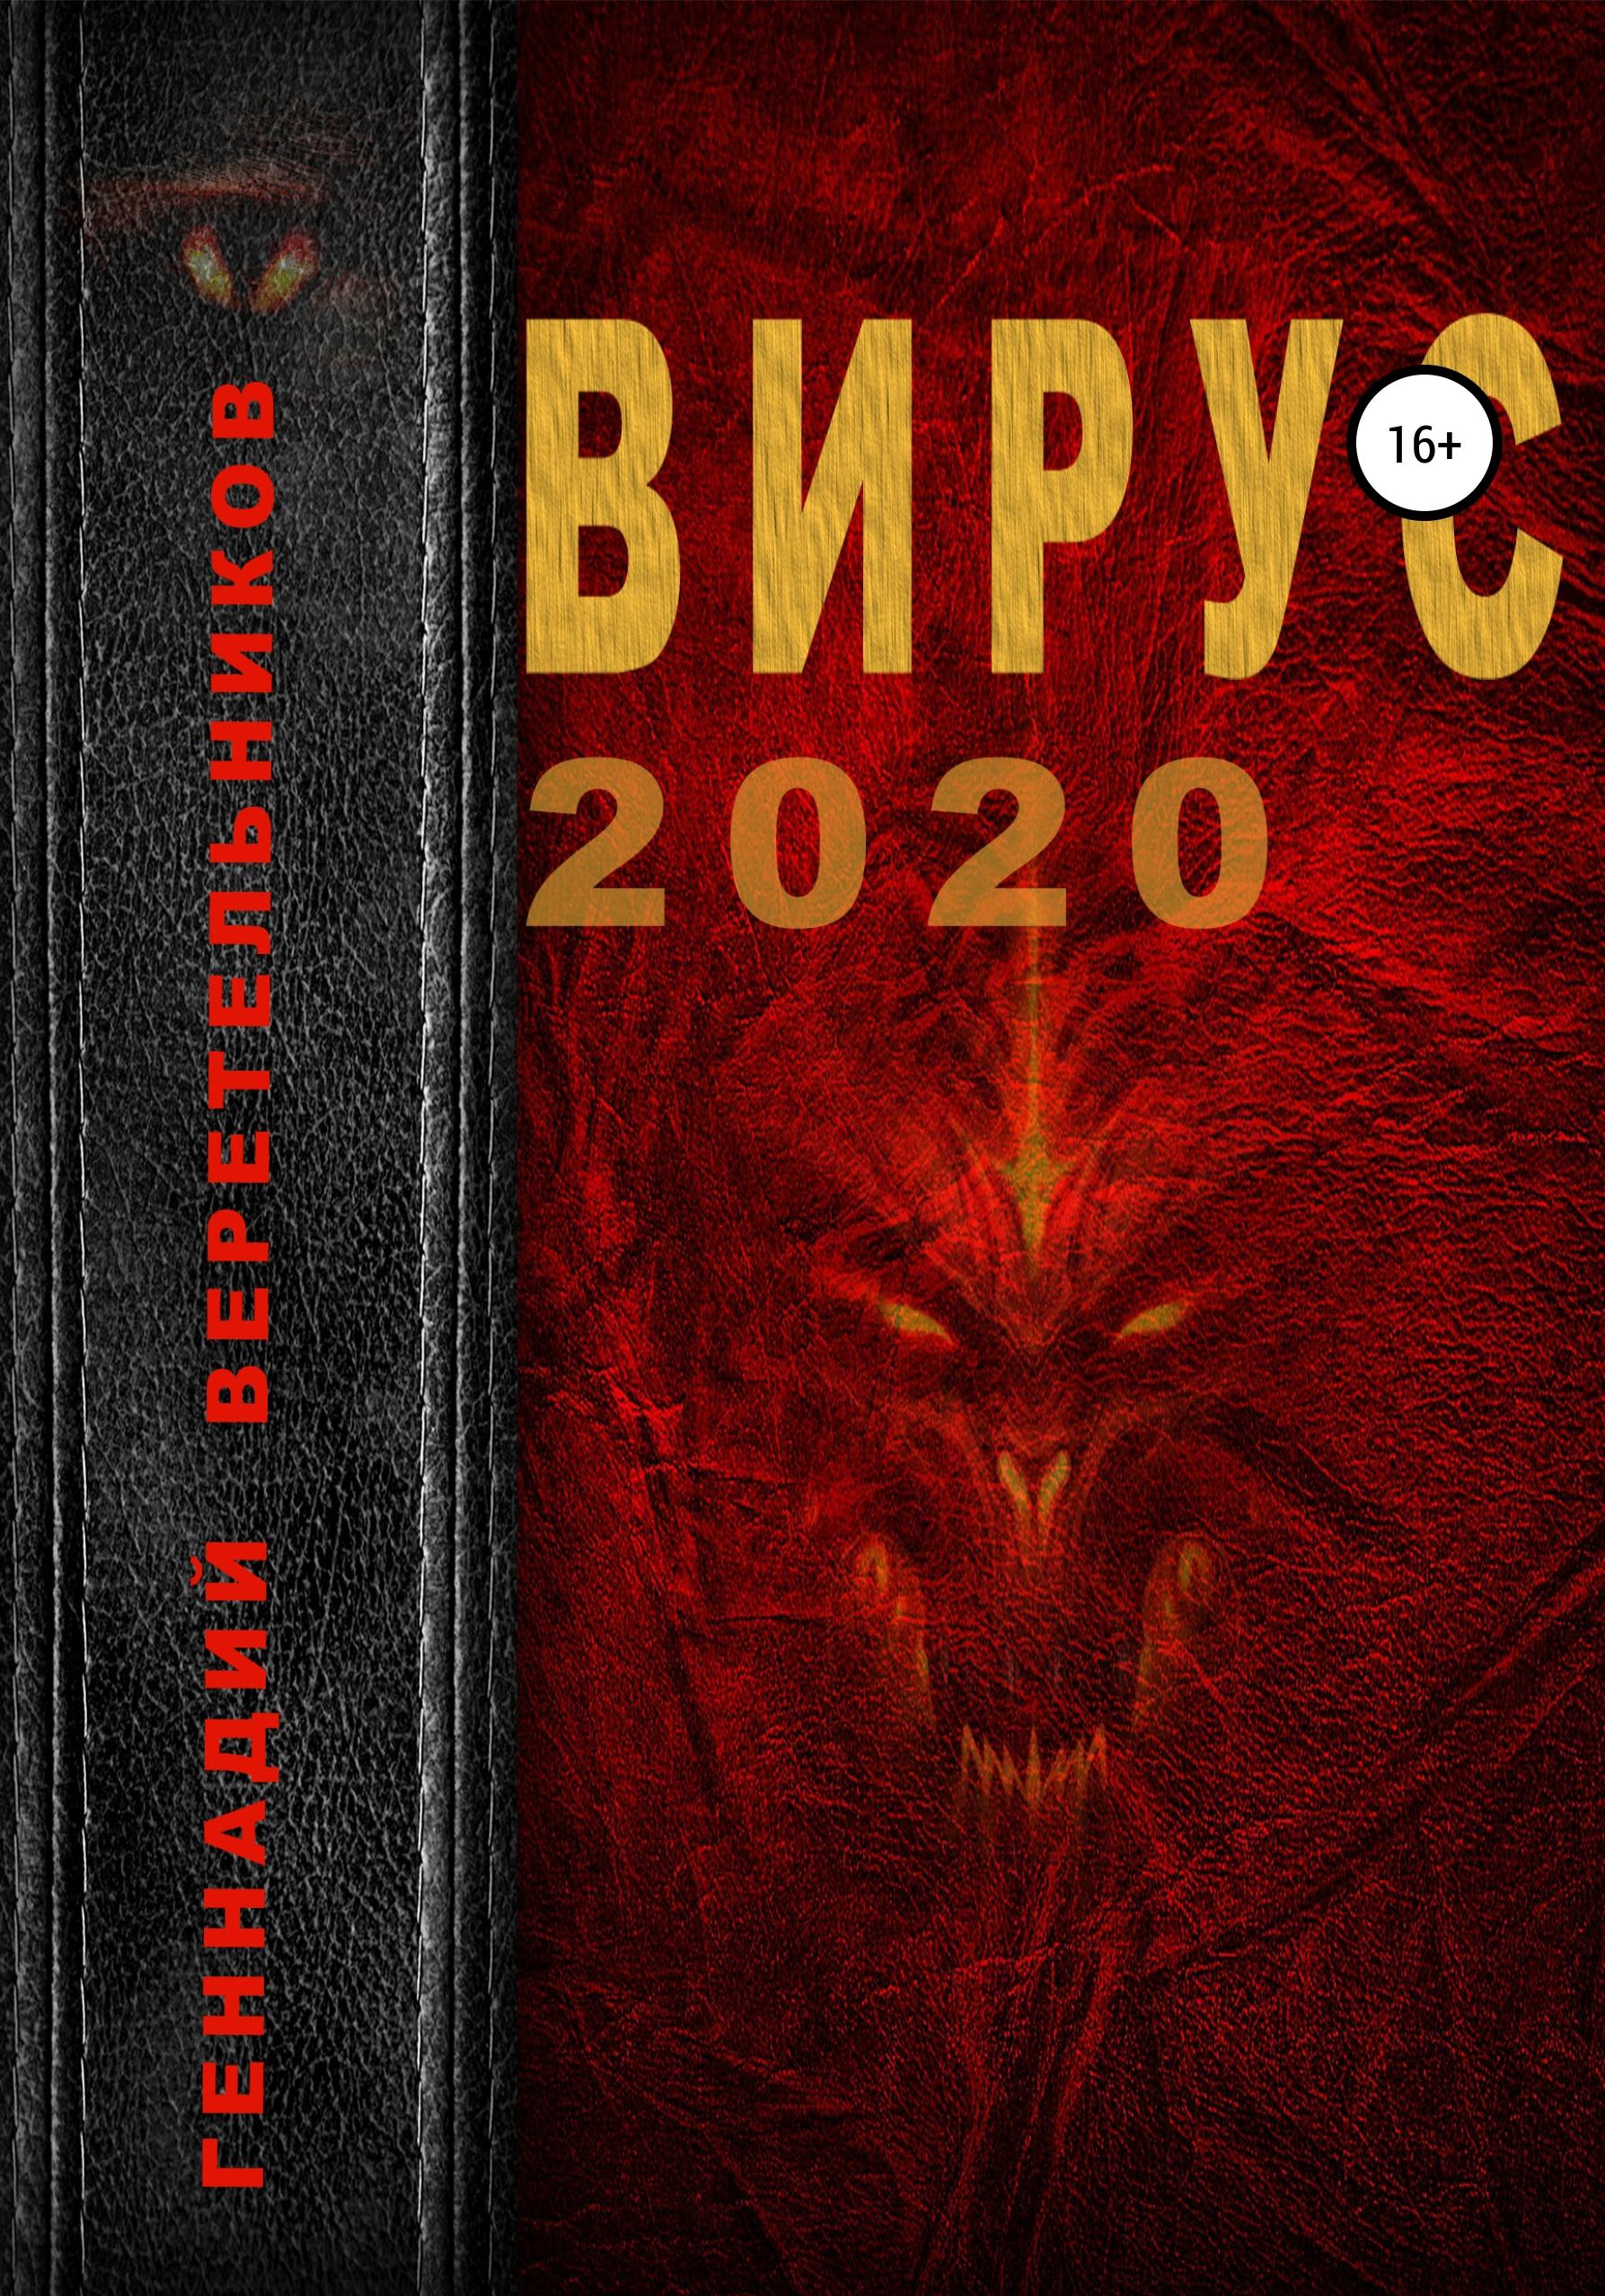 Вирус 2020